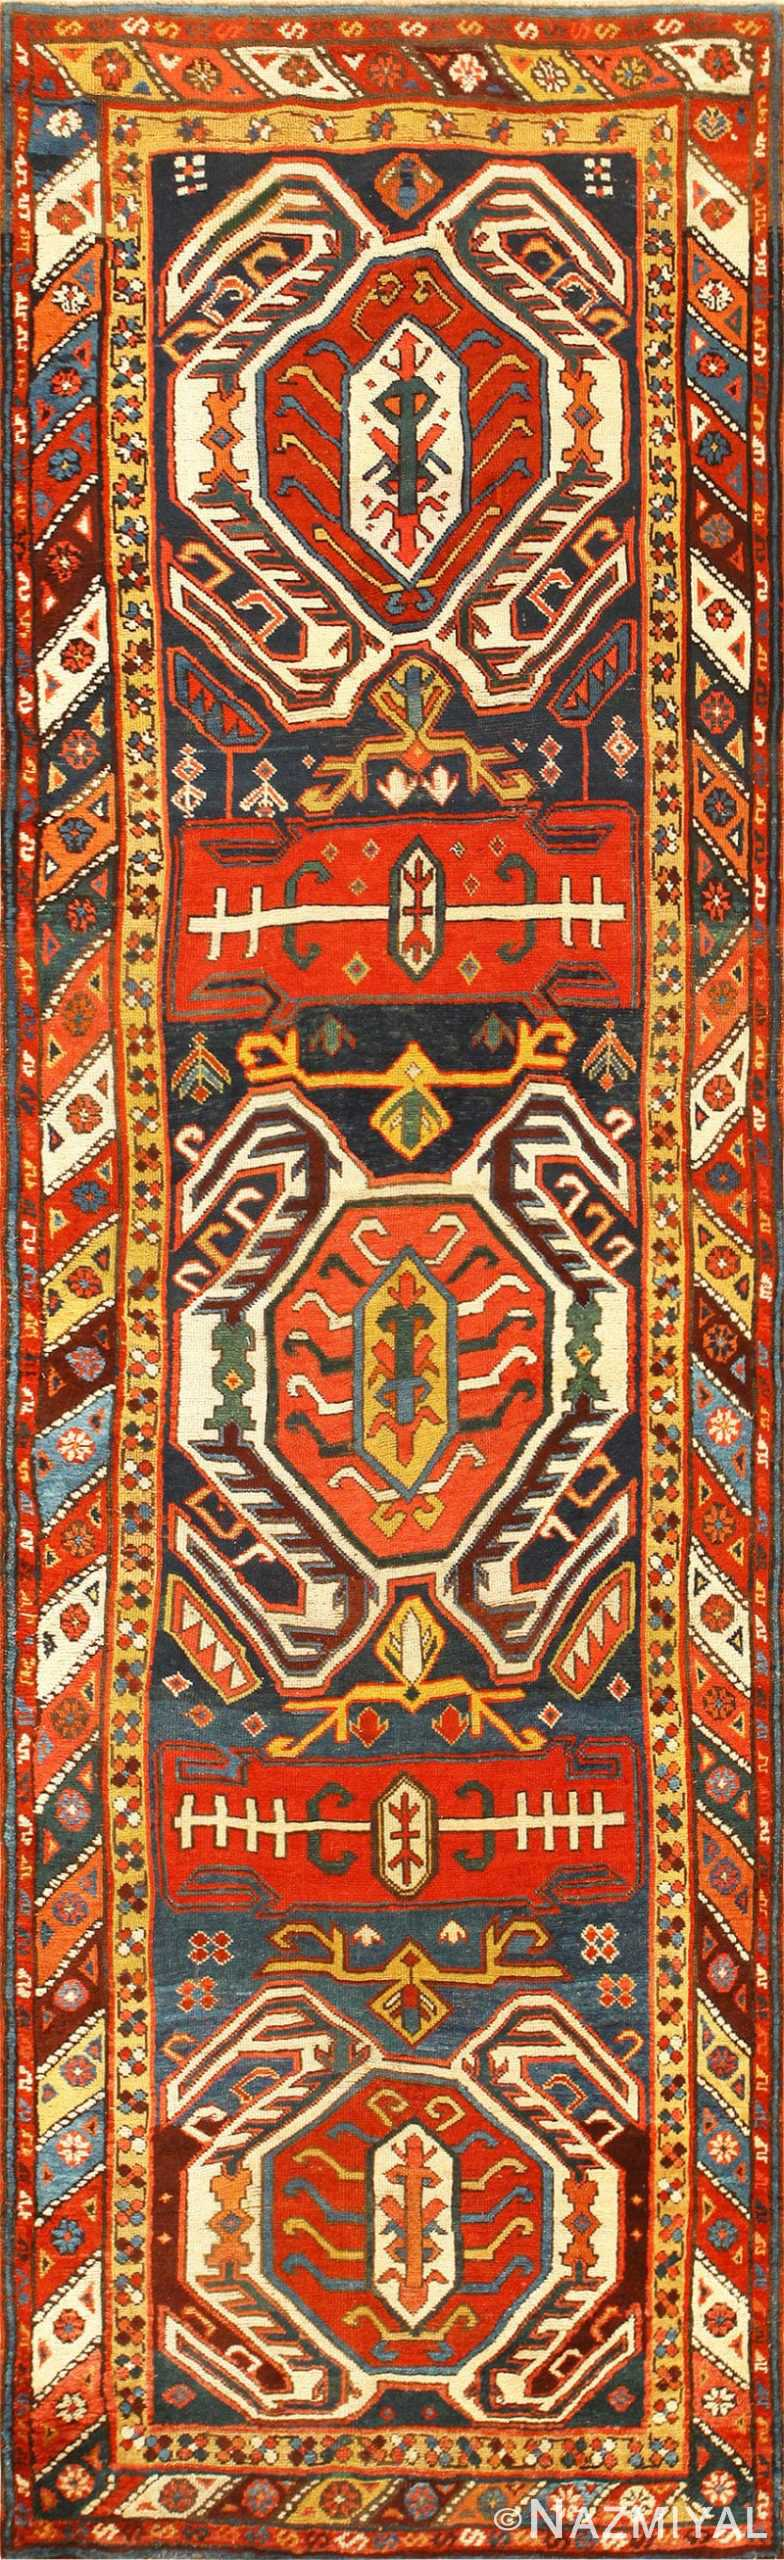 Tribal Antique Caucasian Lankoran Runner Rug 48929 Nazmiyal